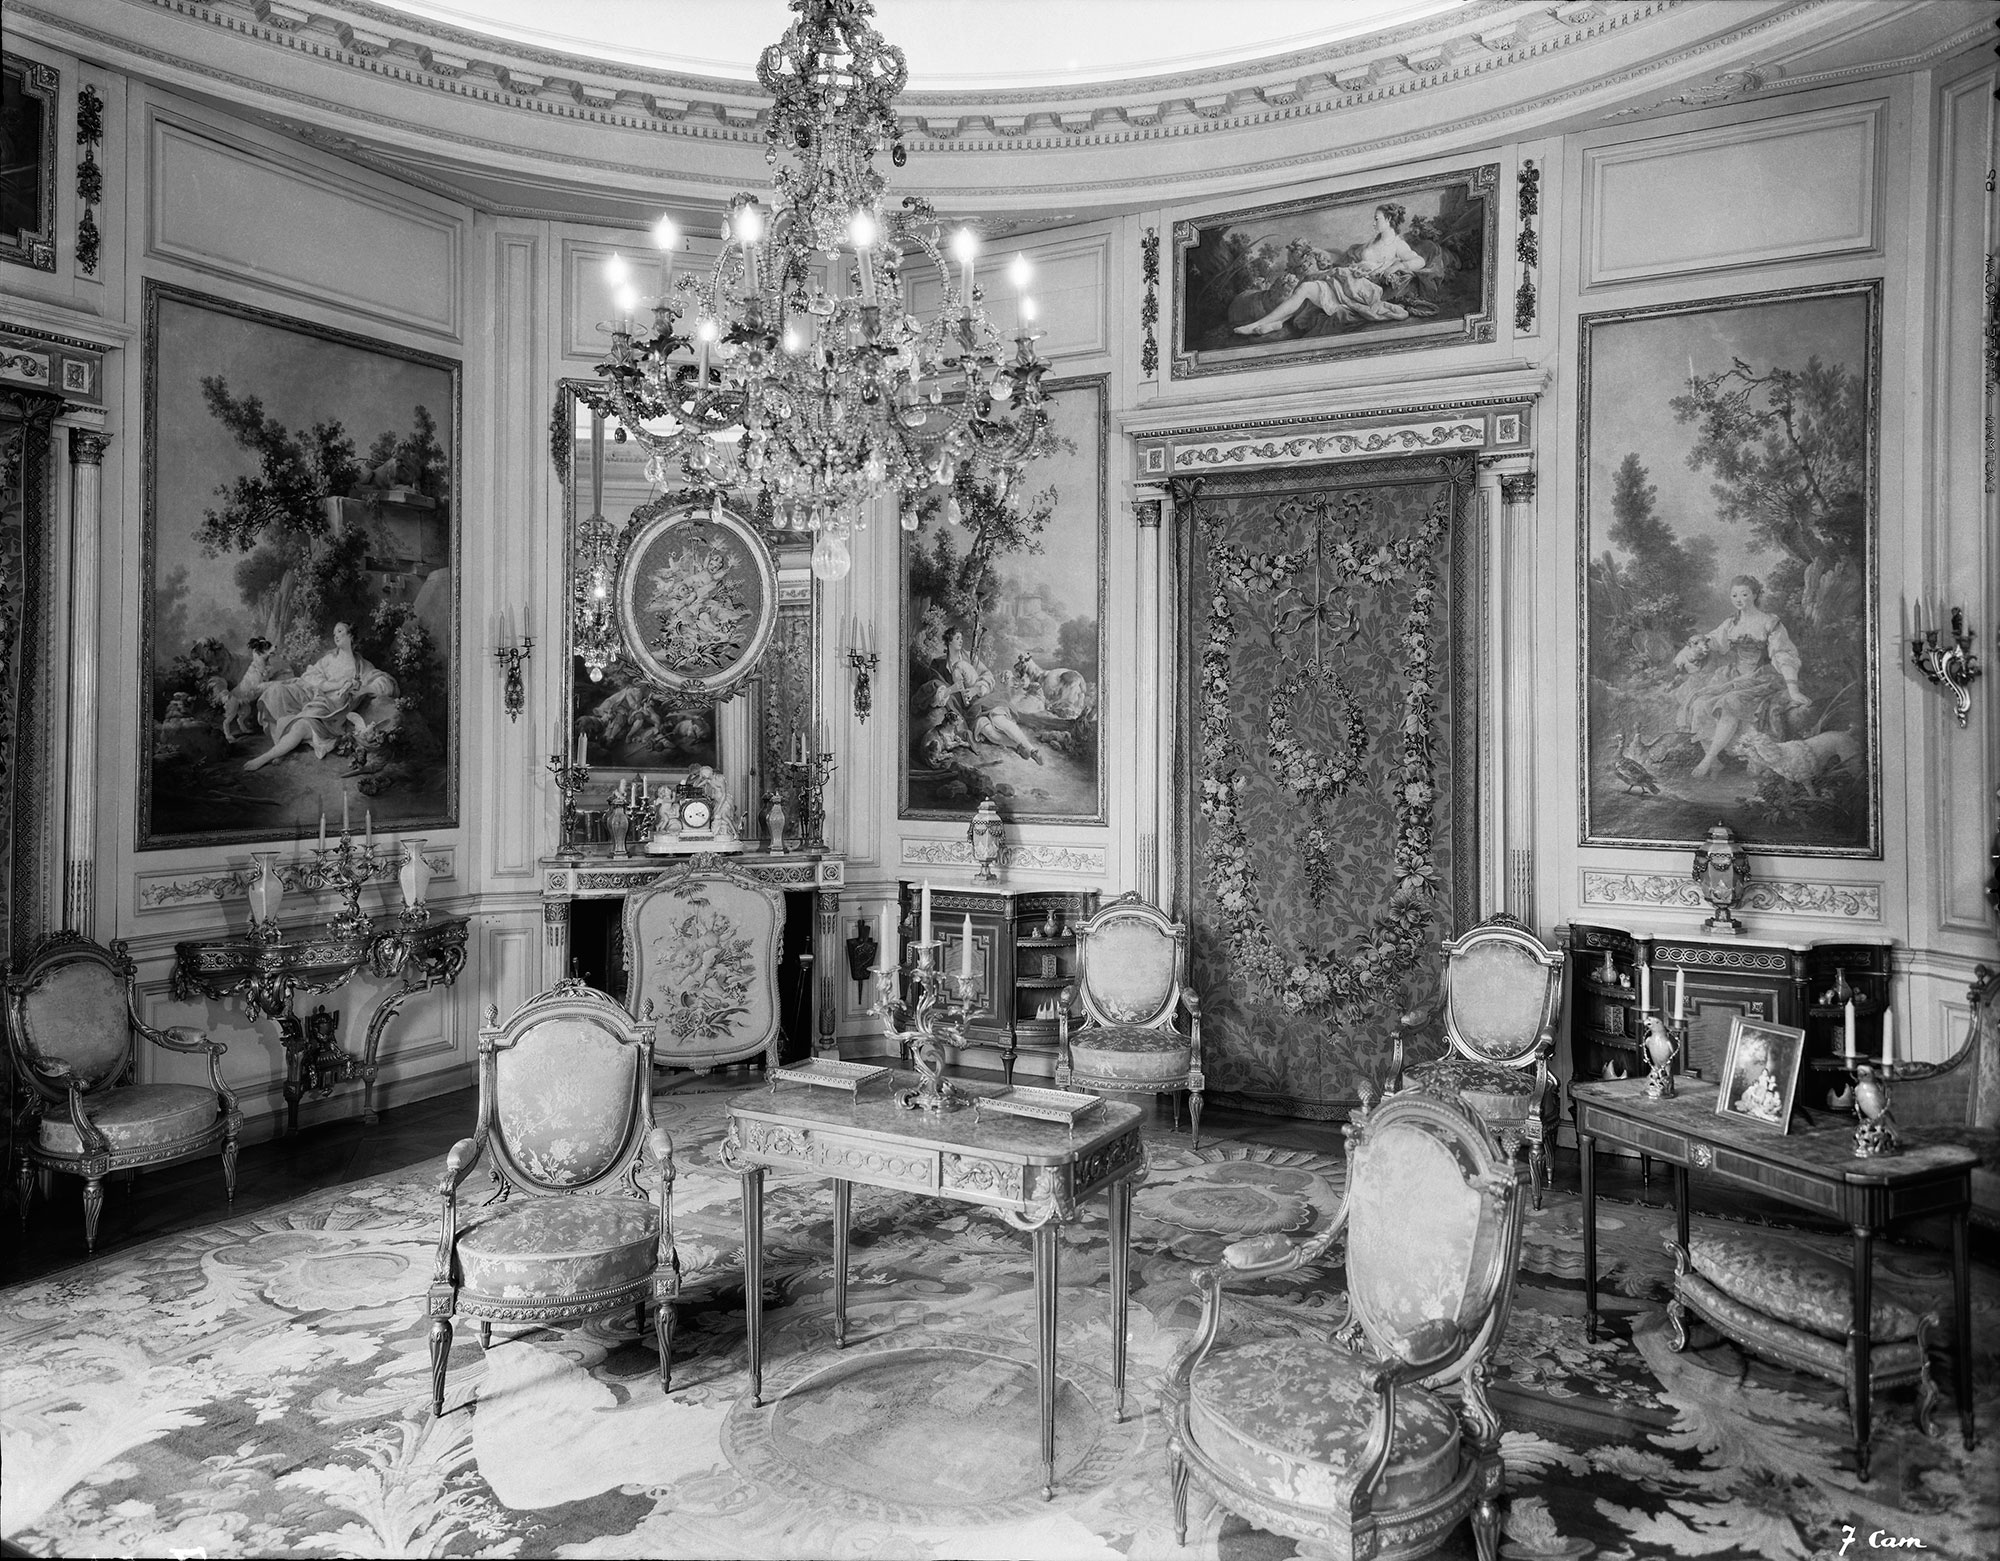 De la demeure au mus e photographies de l h tel particulier du comte mo se d - Canape mise en demeure ...